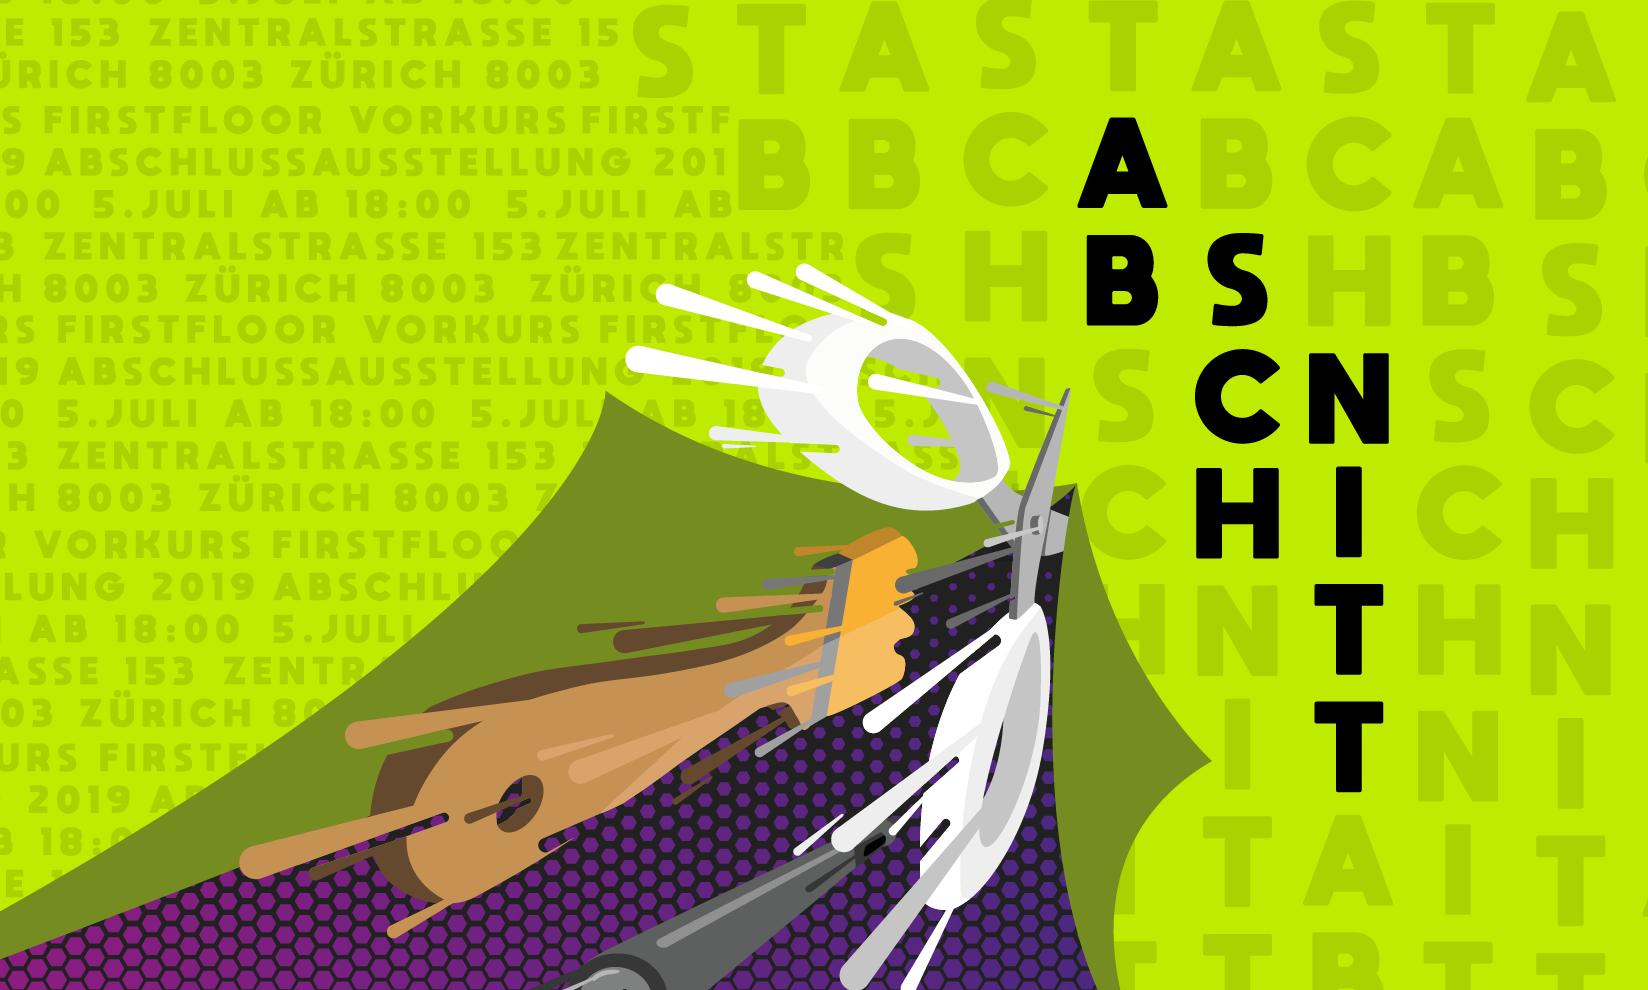 firstfloor Gestaltungsschule Gestalterischer Vorkurs Abschlussausstellung 2019